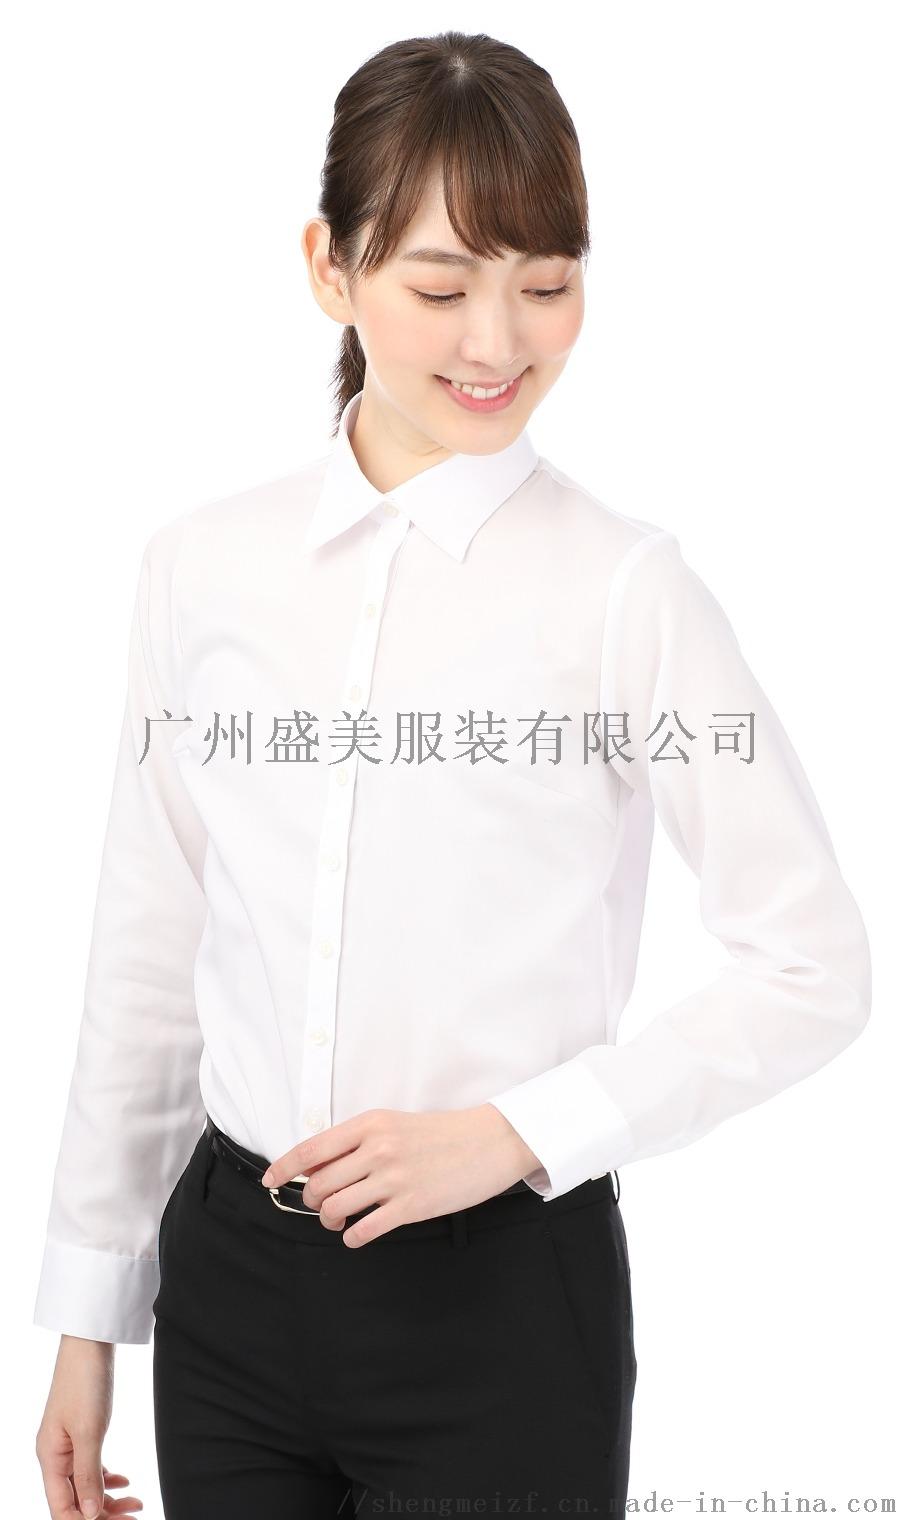 番禺区衬衫定做,钟村员工衬衣定制,绣字衬衫订做765073792